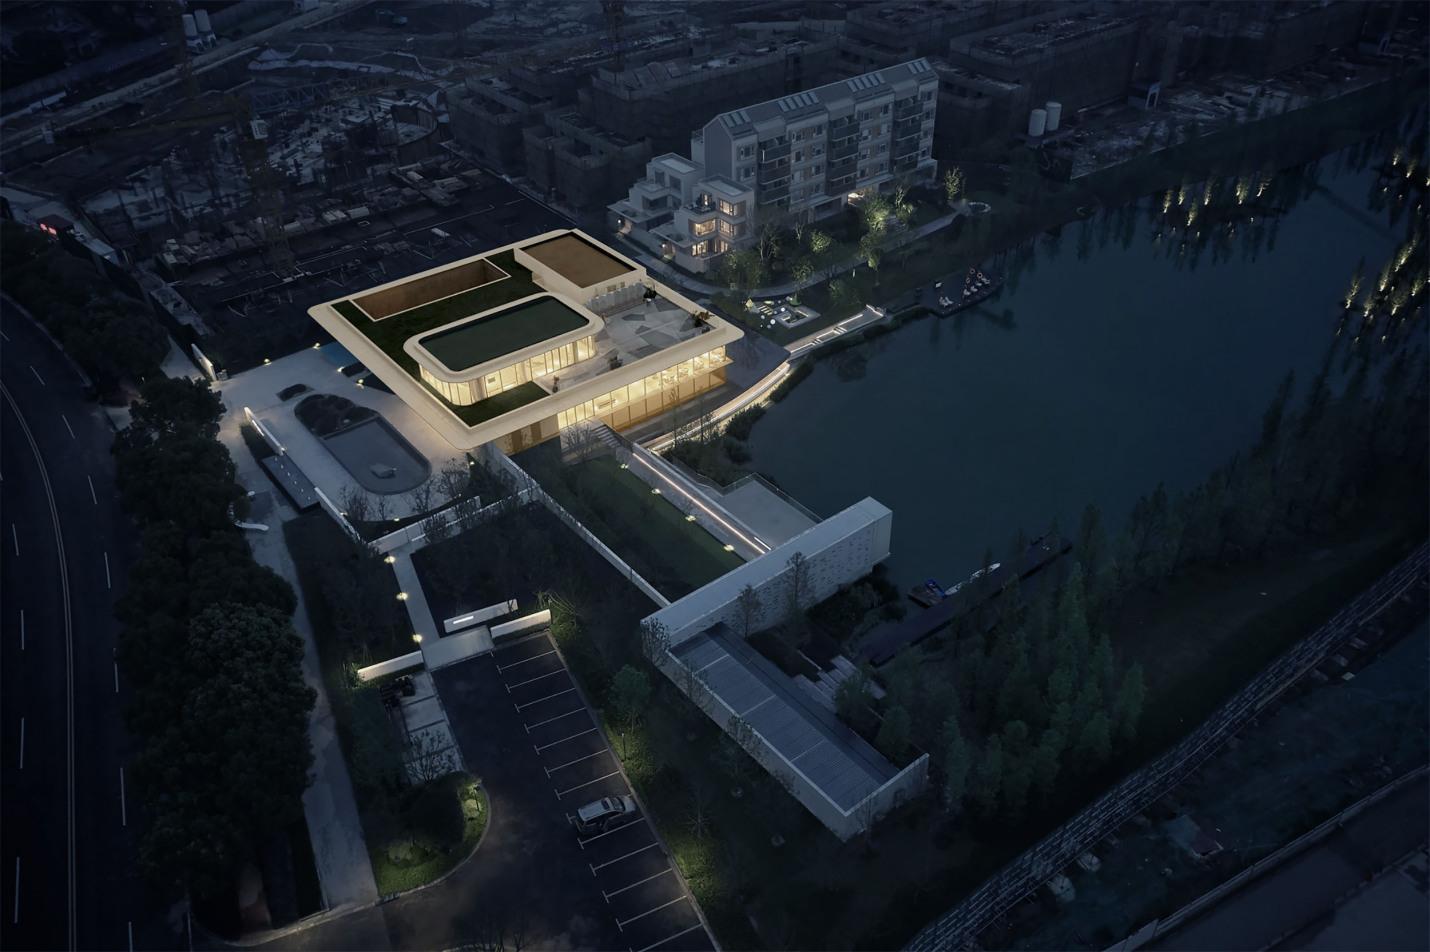 上海超高颜值社区,11万方湖域艺术生活